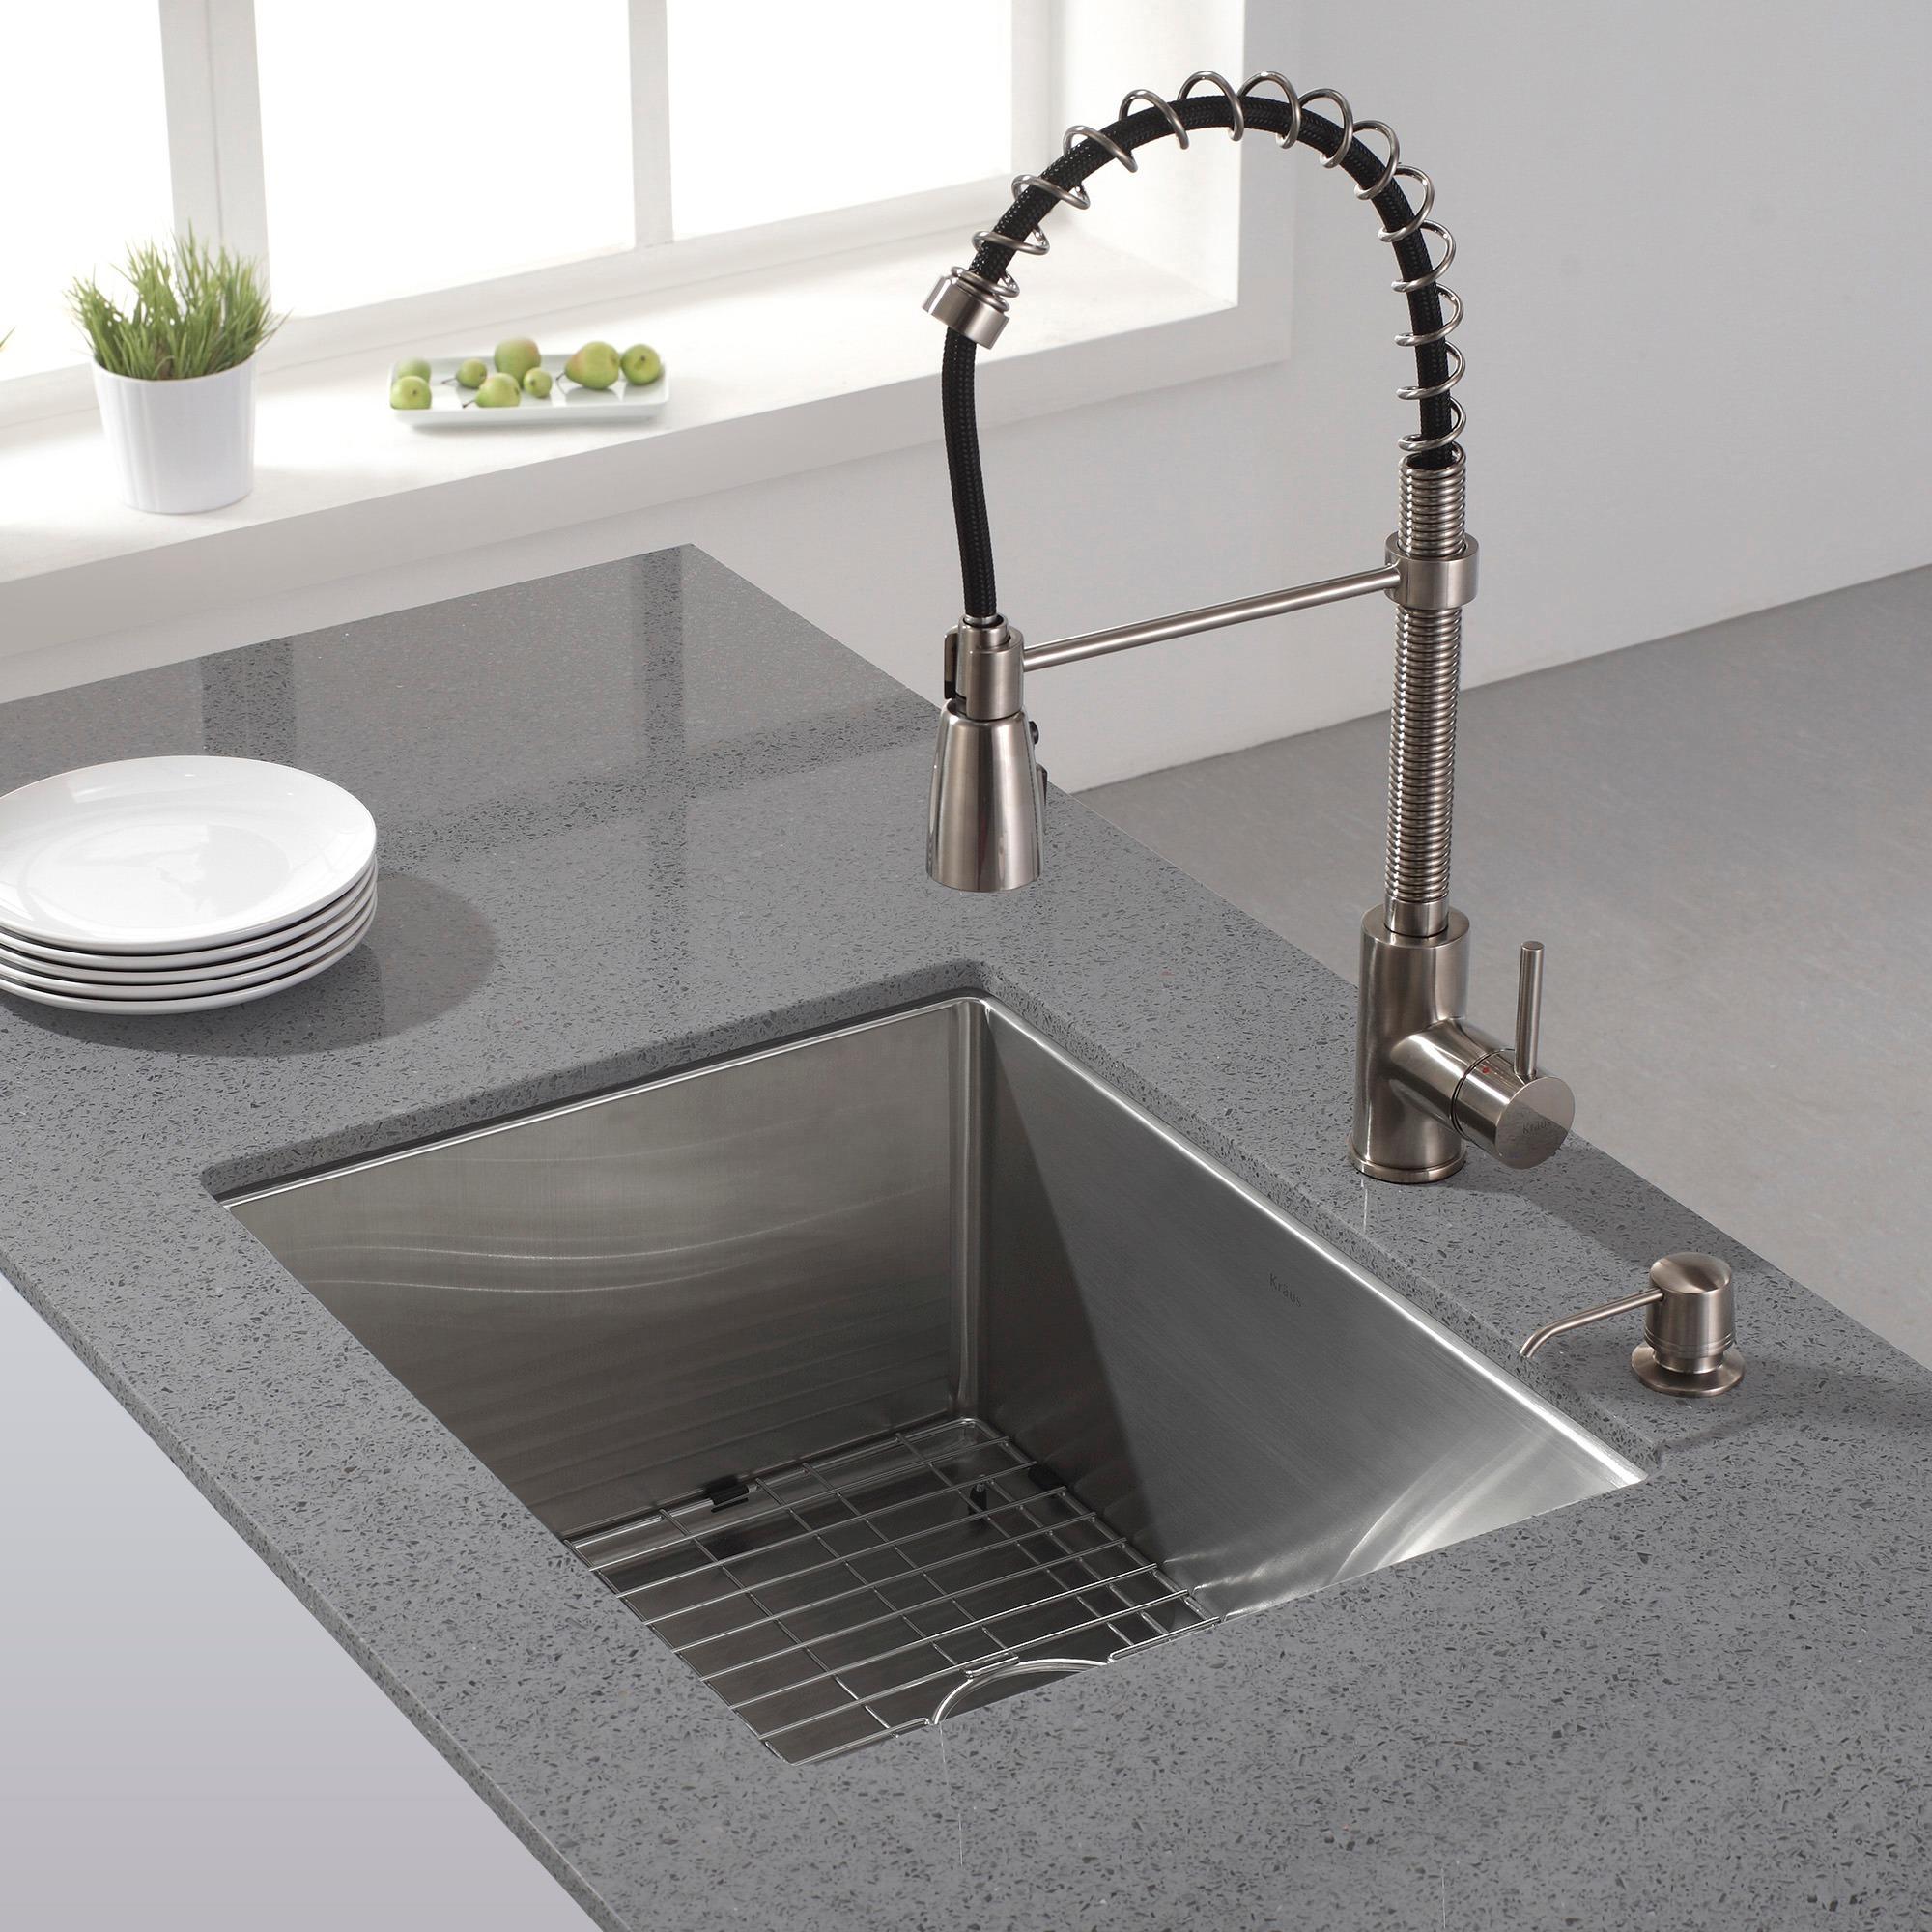 shop kraus khu101 23 undermount 23 in 16g 1 bowl satin stainless rh overstock com 24 Live Edge Undermount Sink 24 Double Bowl Undermount Sink